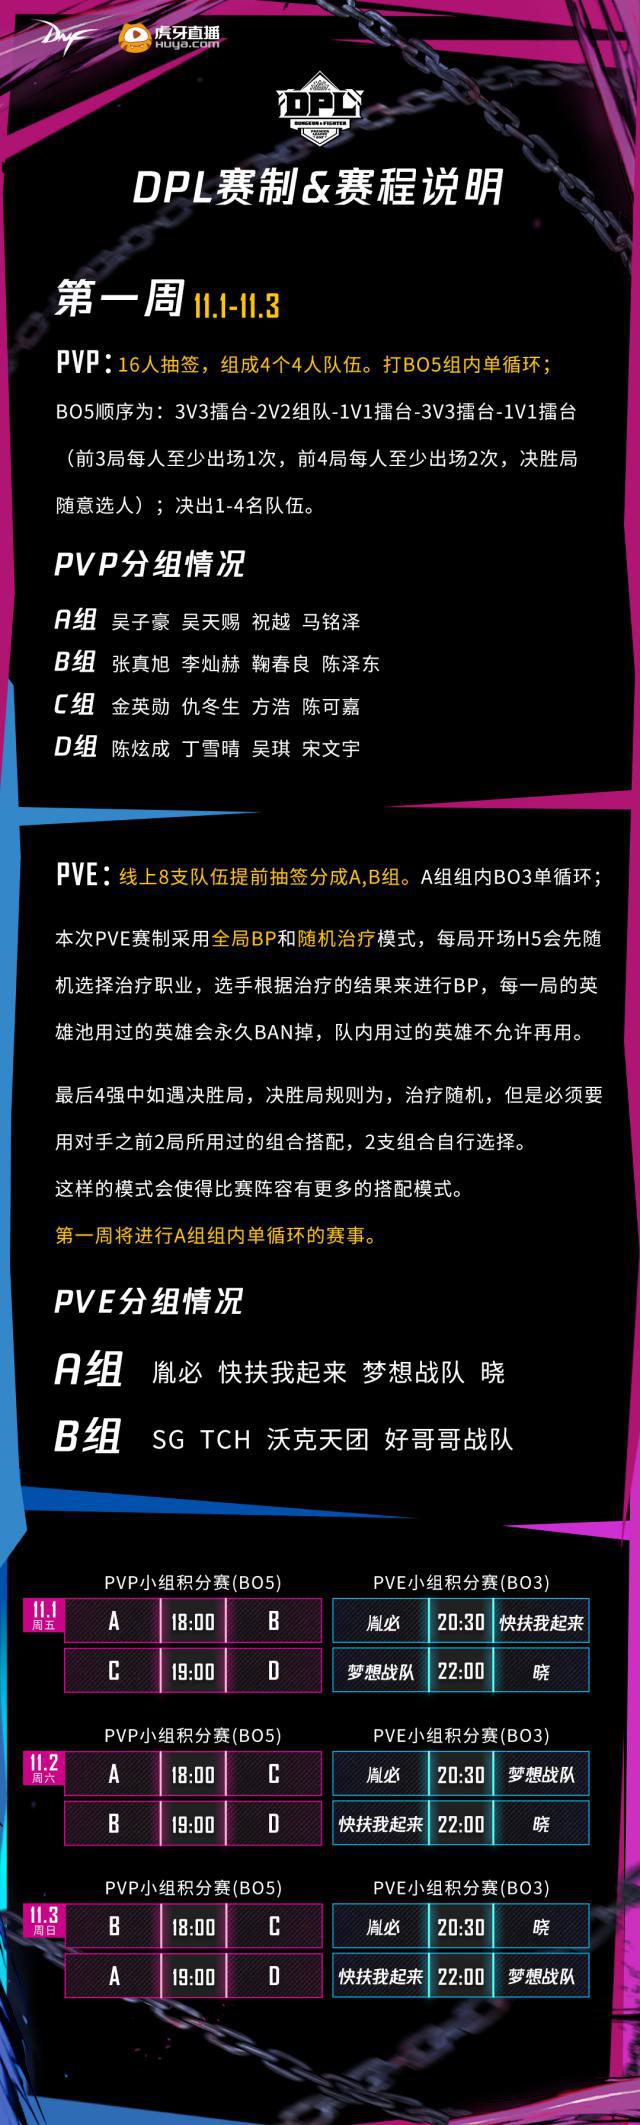 2019DPL联赛赛事全介绍 众明星主播云集及重磅节目开启